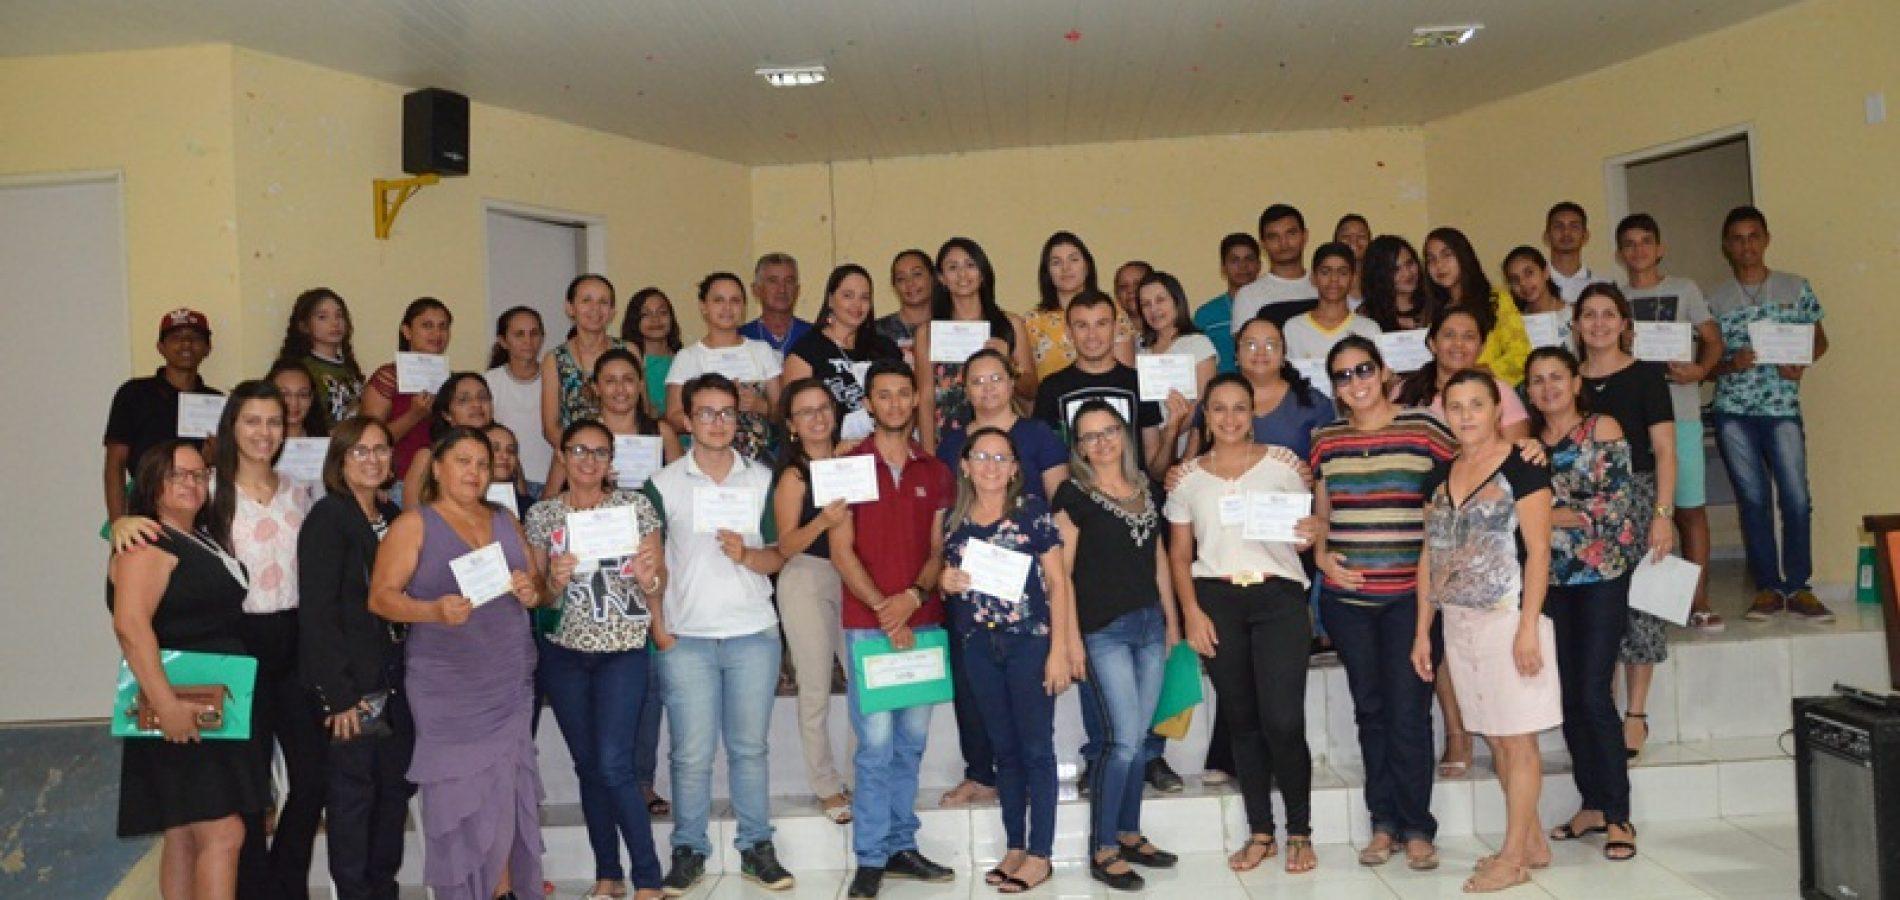 VIII Conferência municipal dos direitos da criança e do adolescente é realizada em Caldeirão Grande